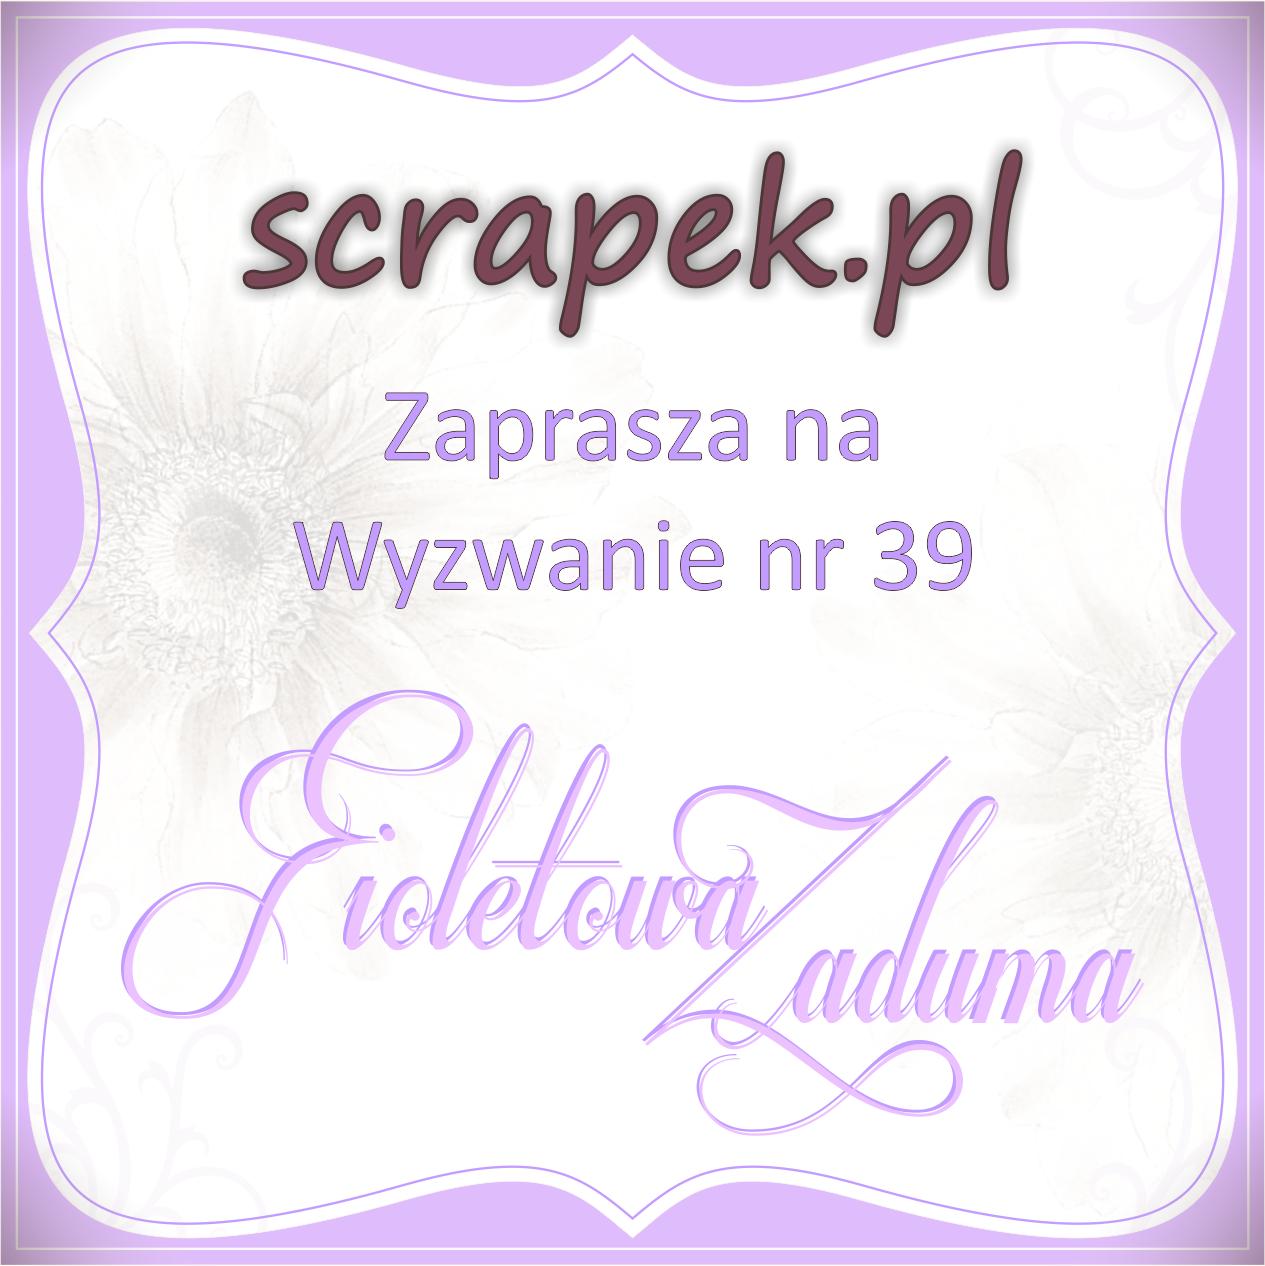 http://scrapek.blogspot.com/2015/10/wyzwanie-nr-39-fioletowa-zaduma.html